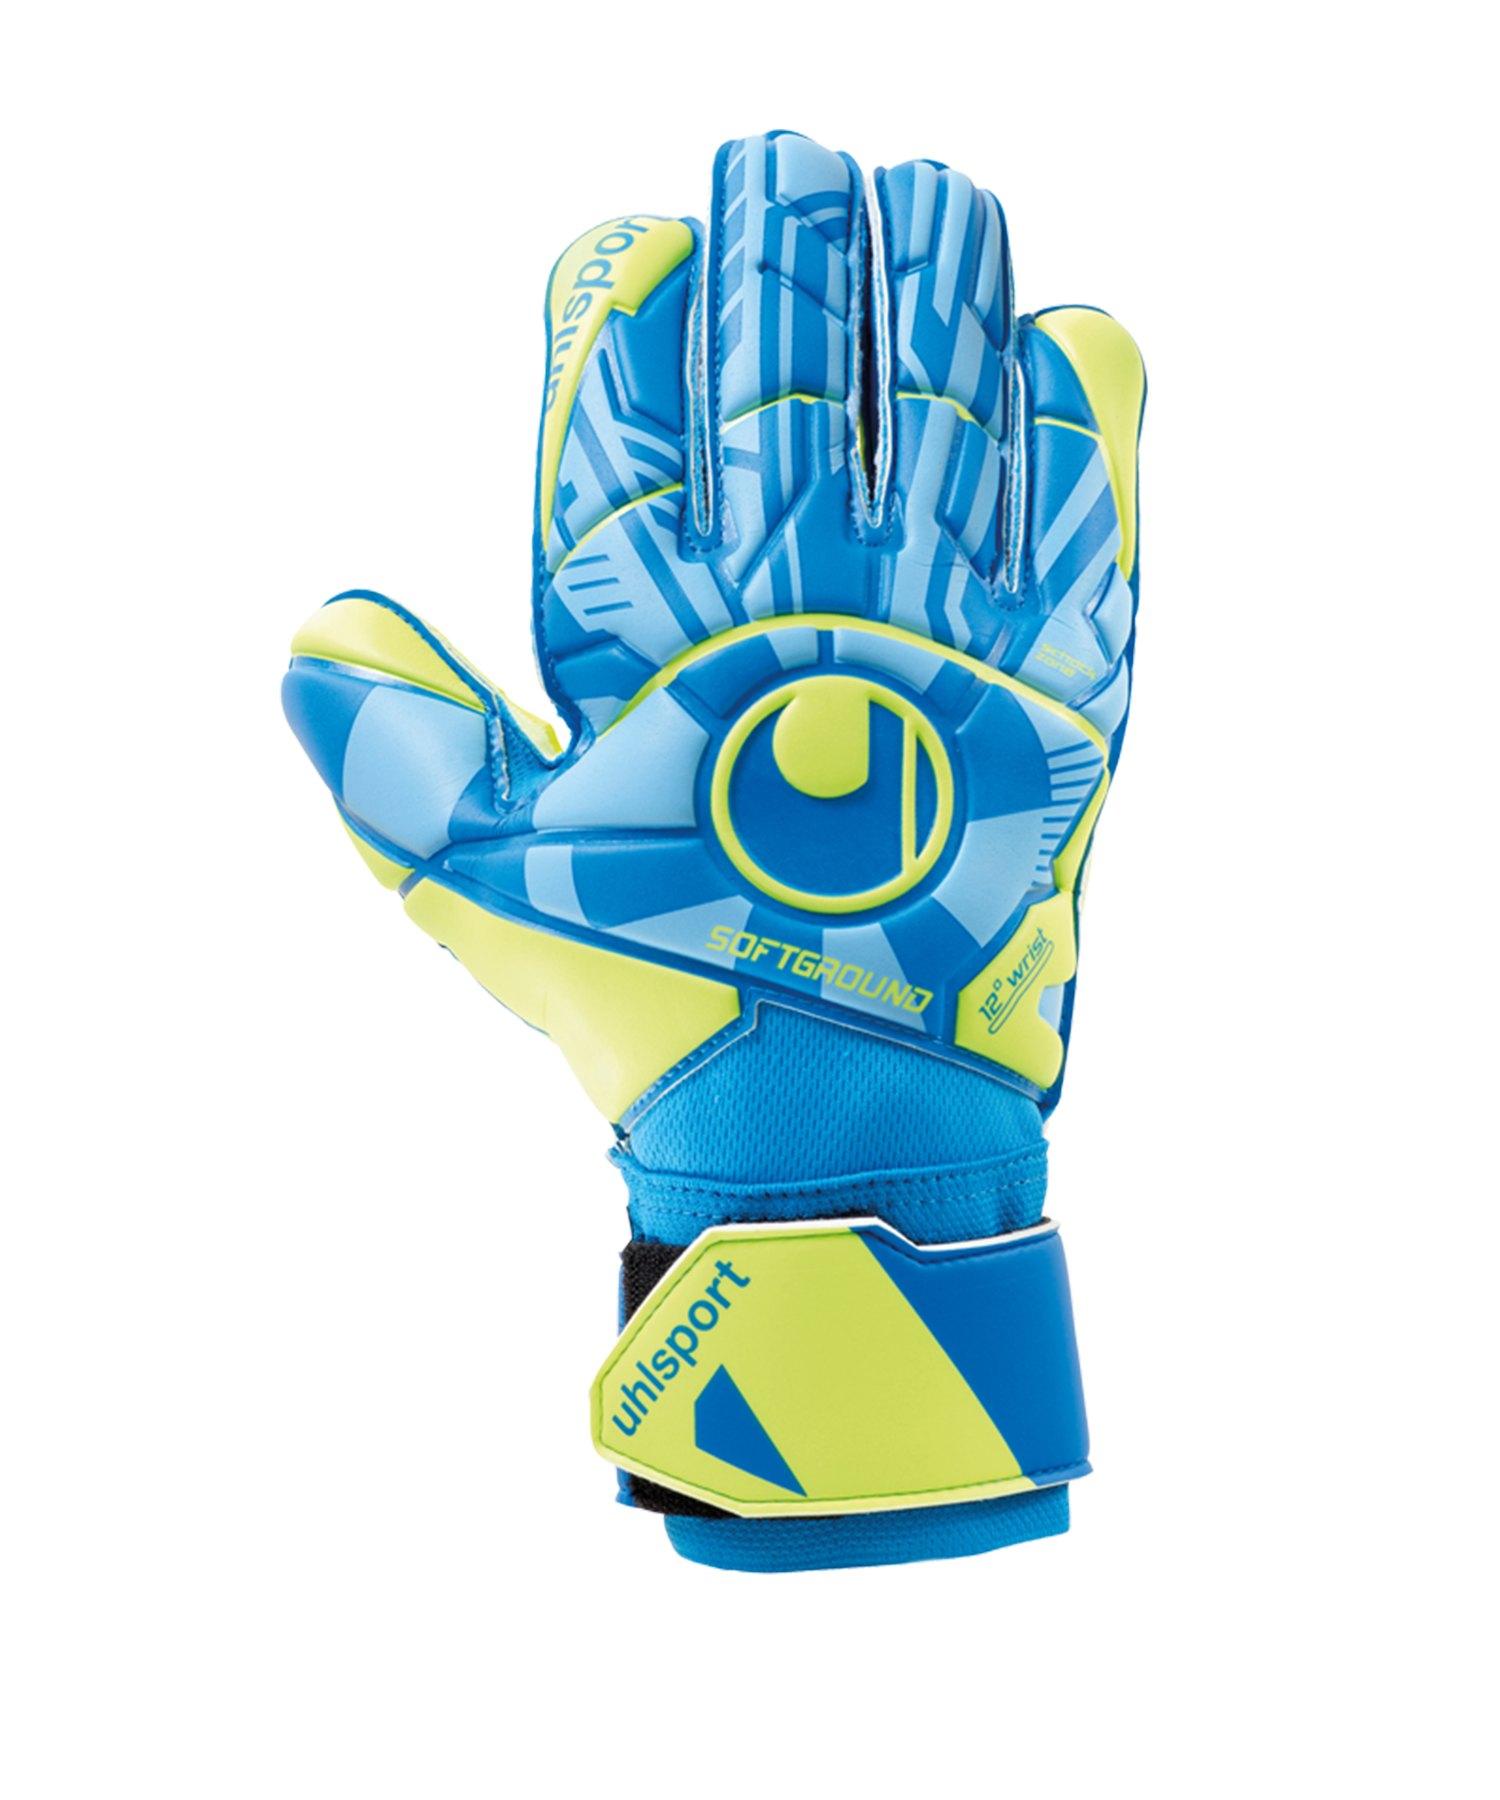 Uhlsport Radar Control Soft Pro Handschuh F01 - Blau